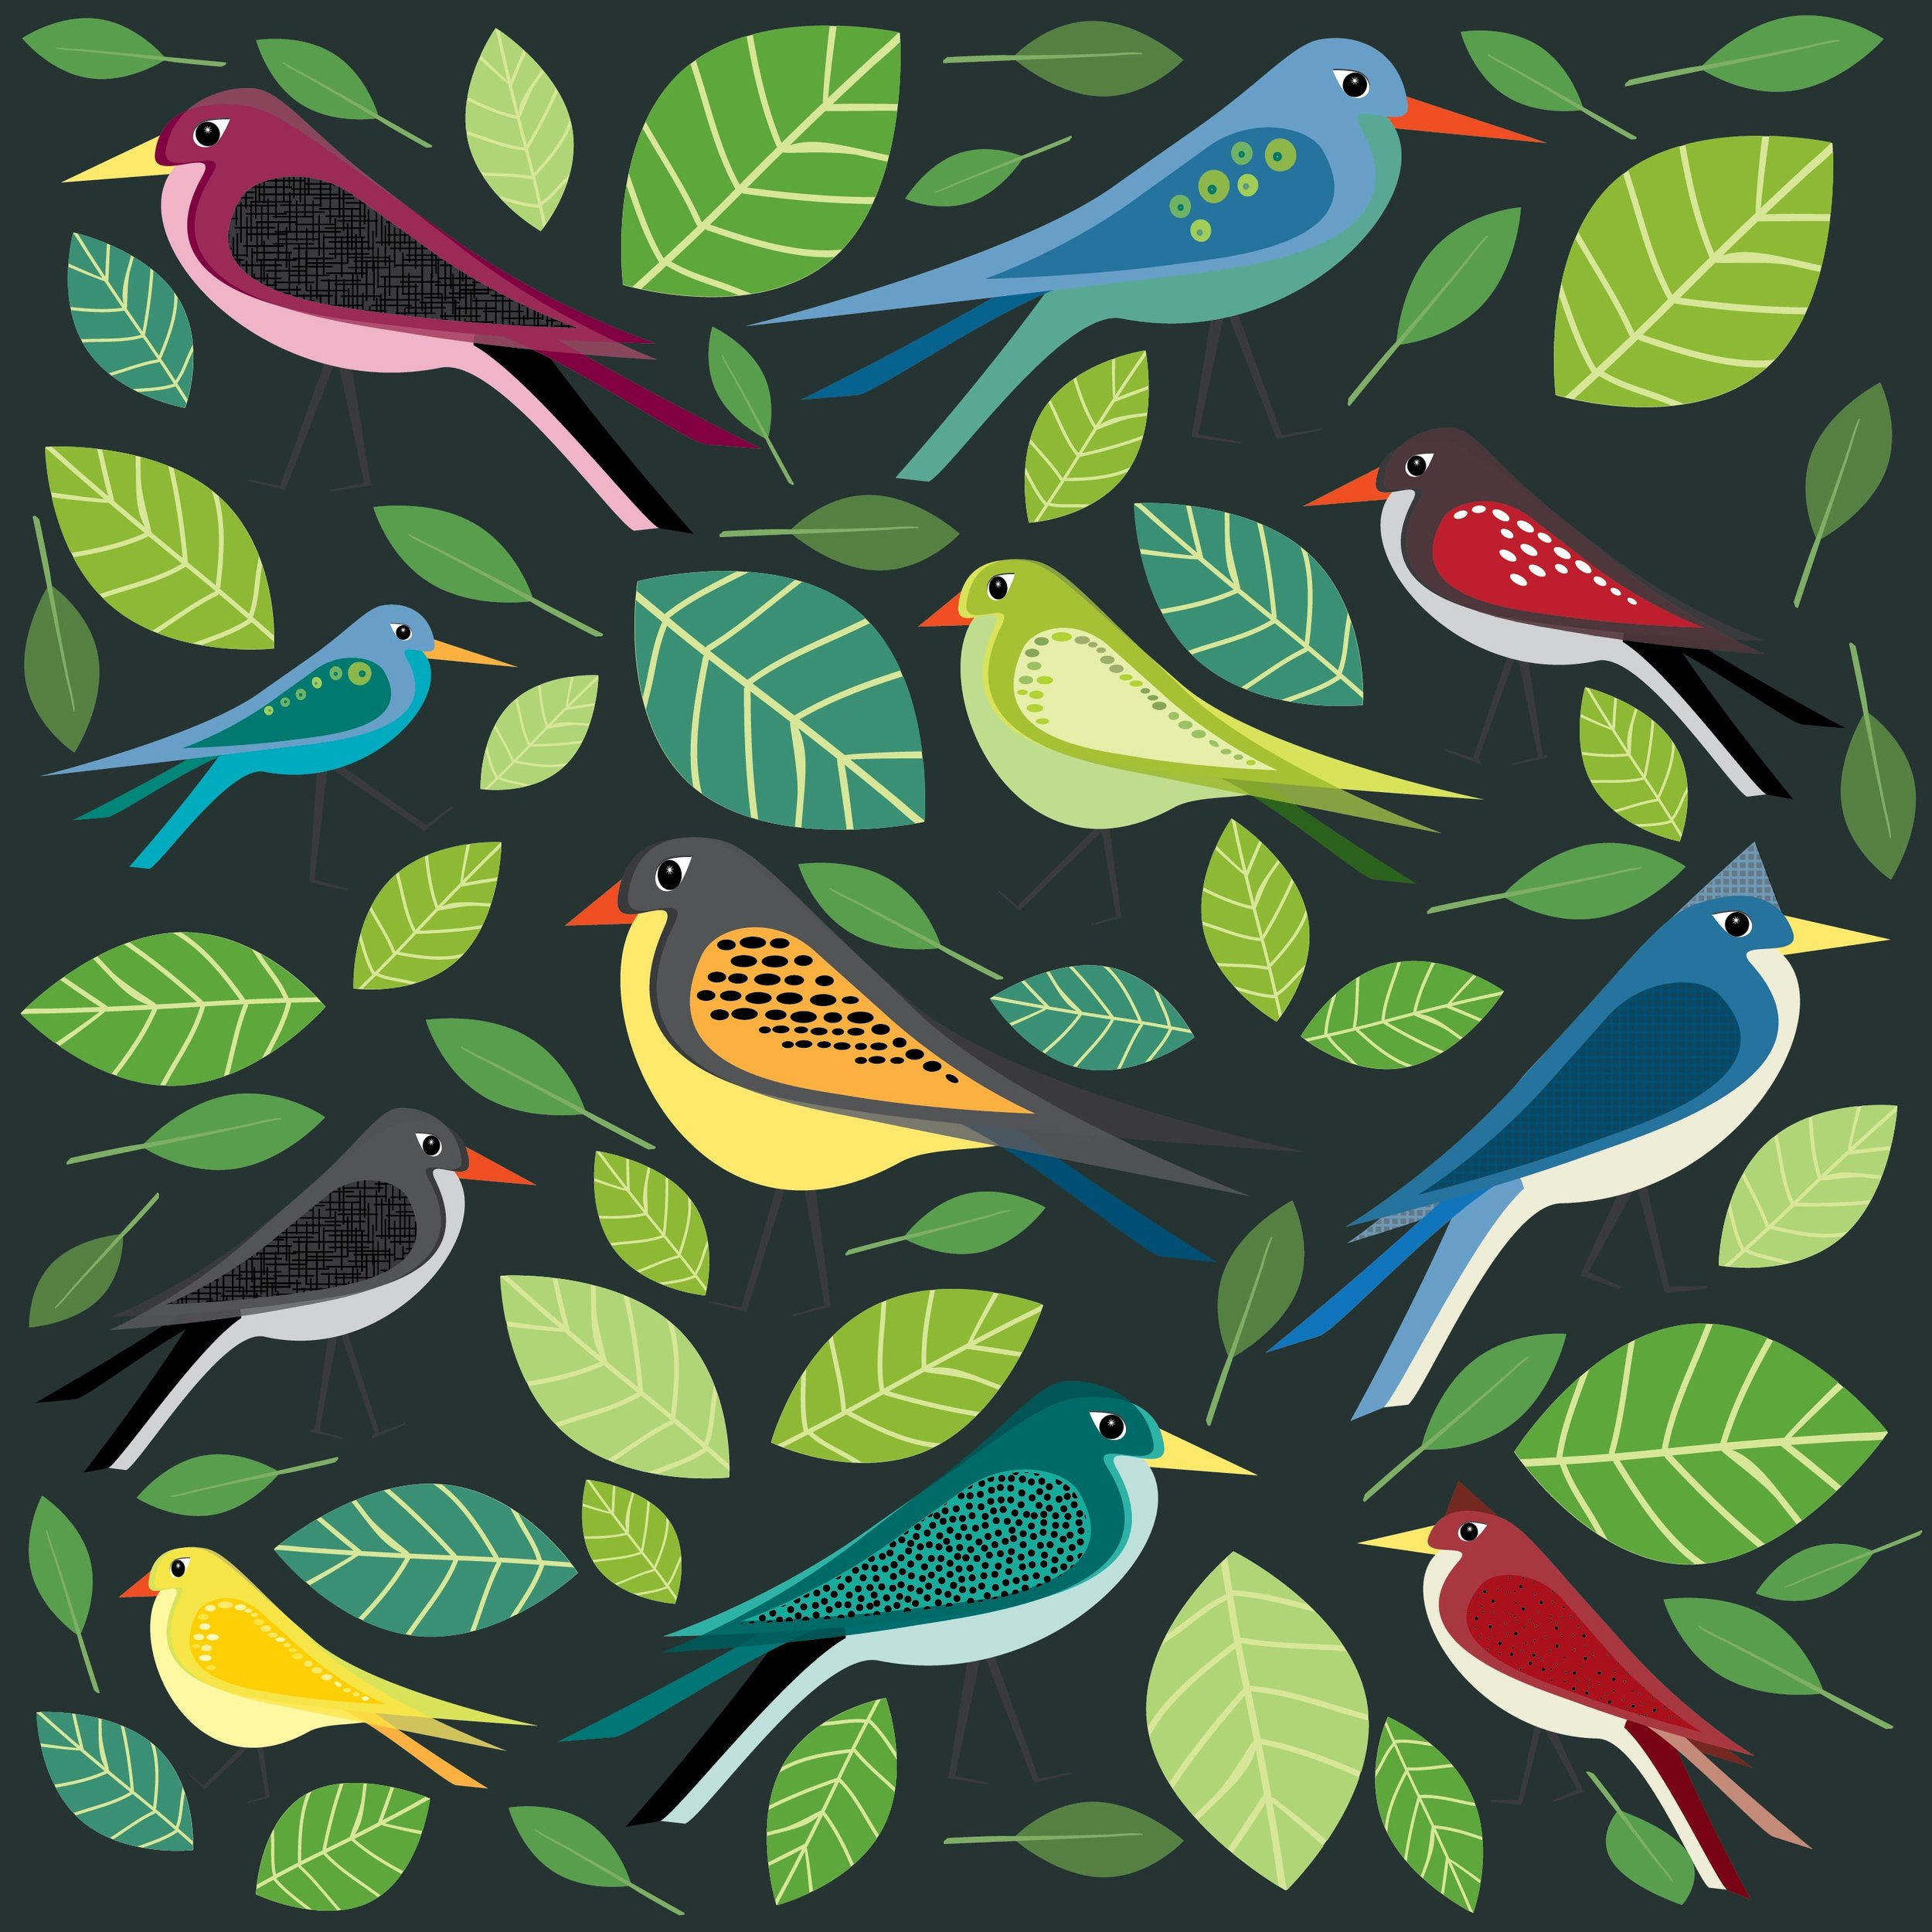 birds-02.jpg